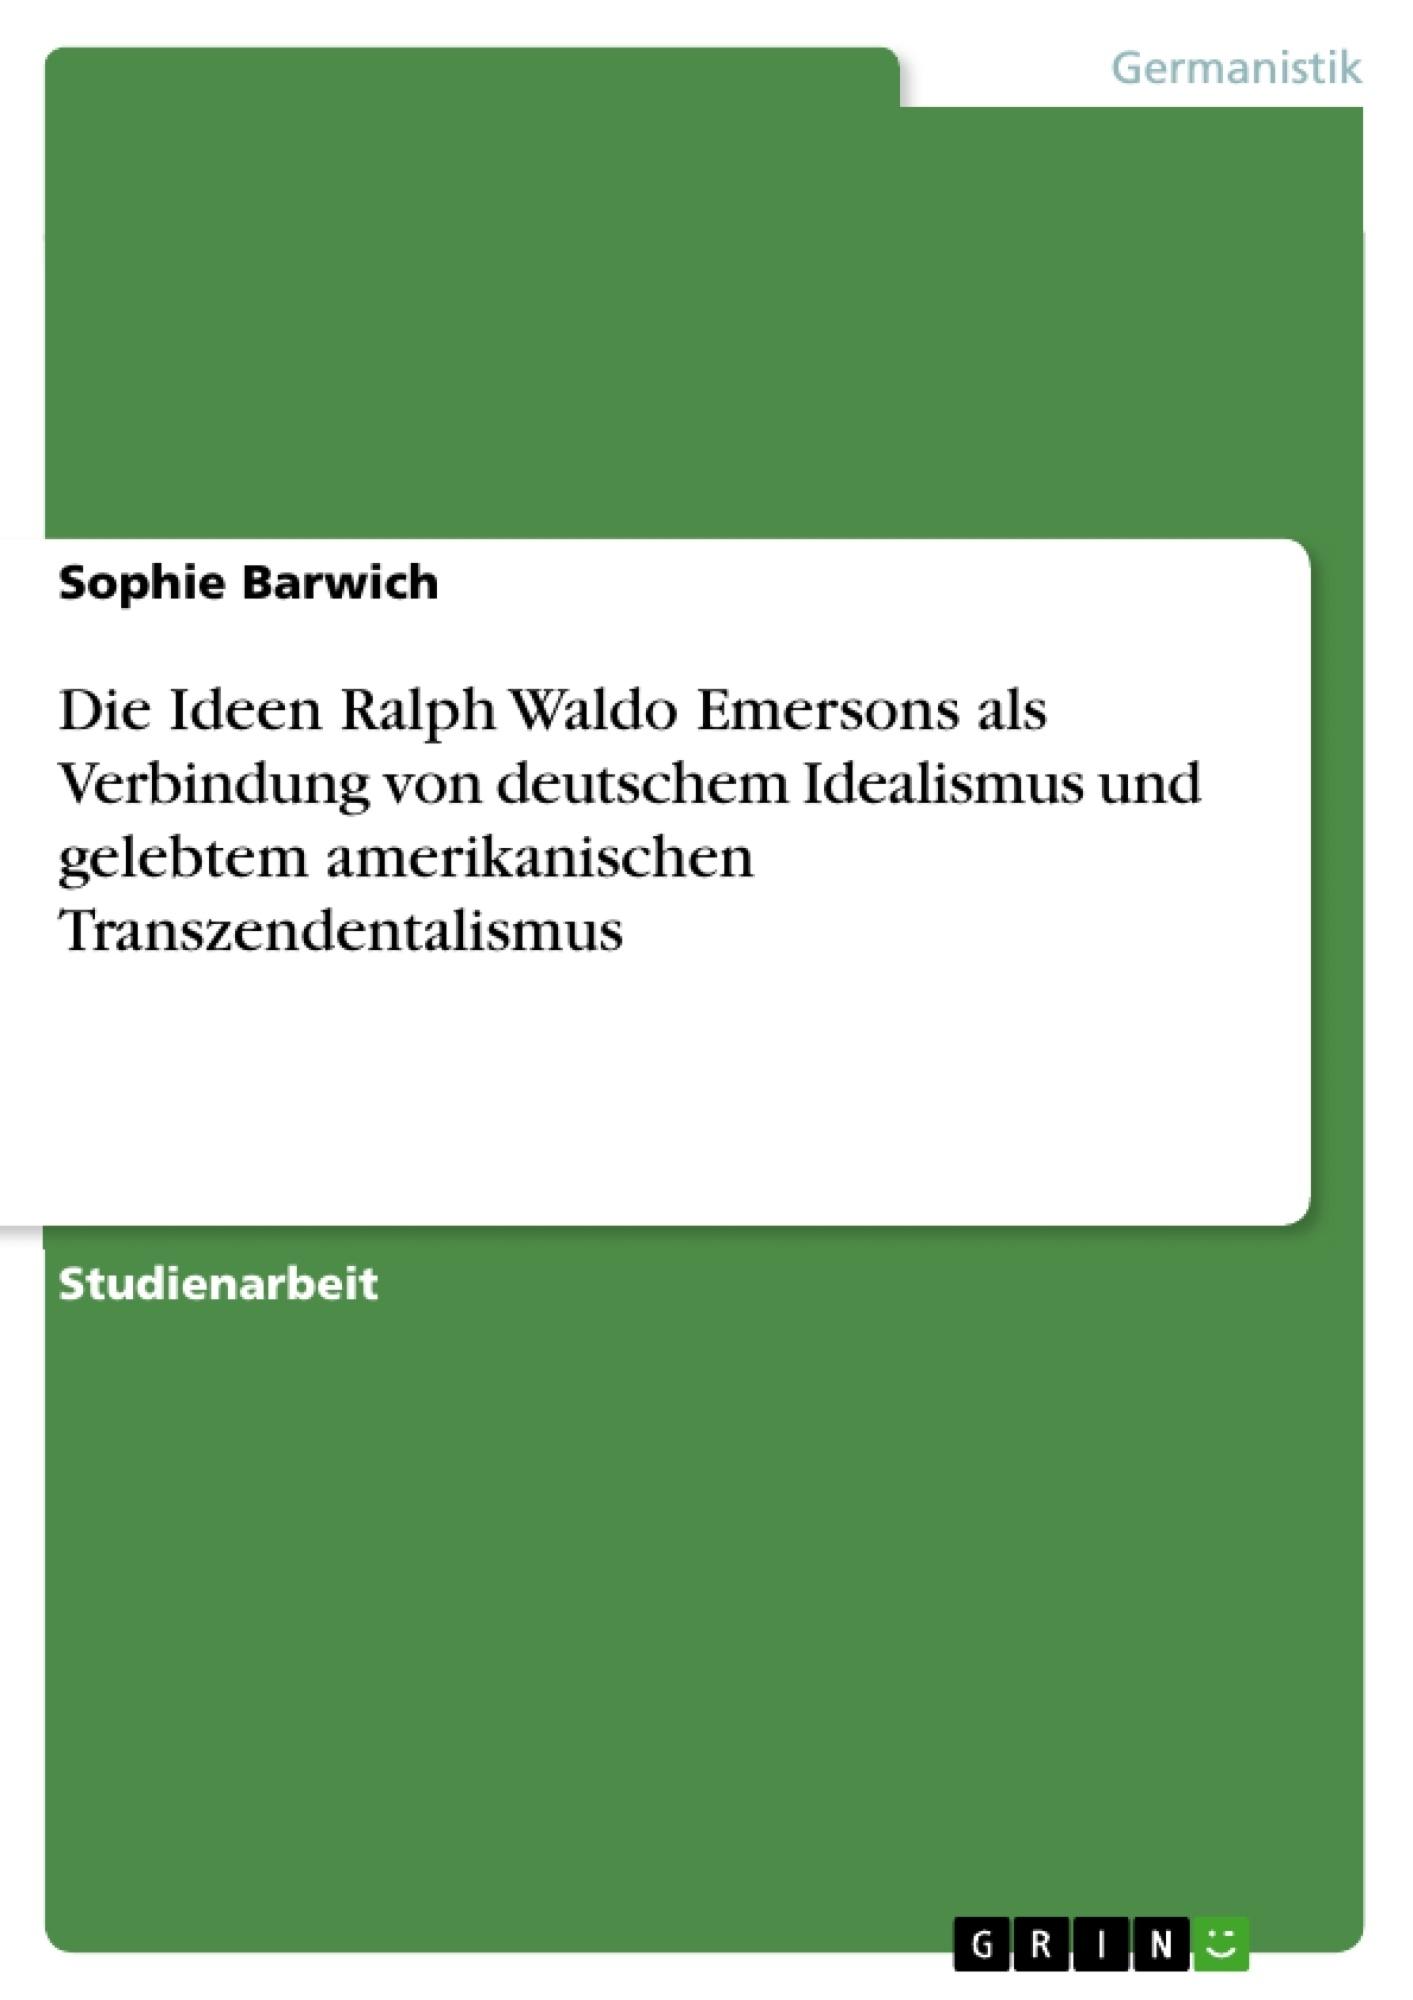 Titel: Die Ideen Ralph Waldo Emersons als Verbindung von deutschem Idealismus und gelebtem amerikanischen Transzendentalismus